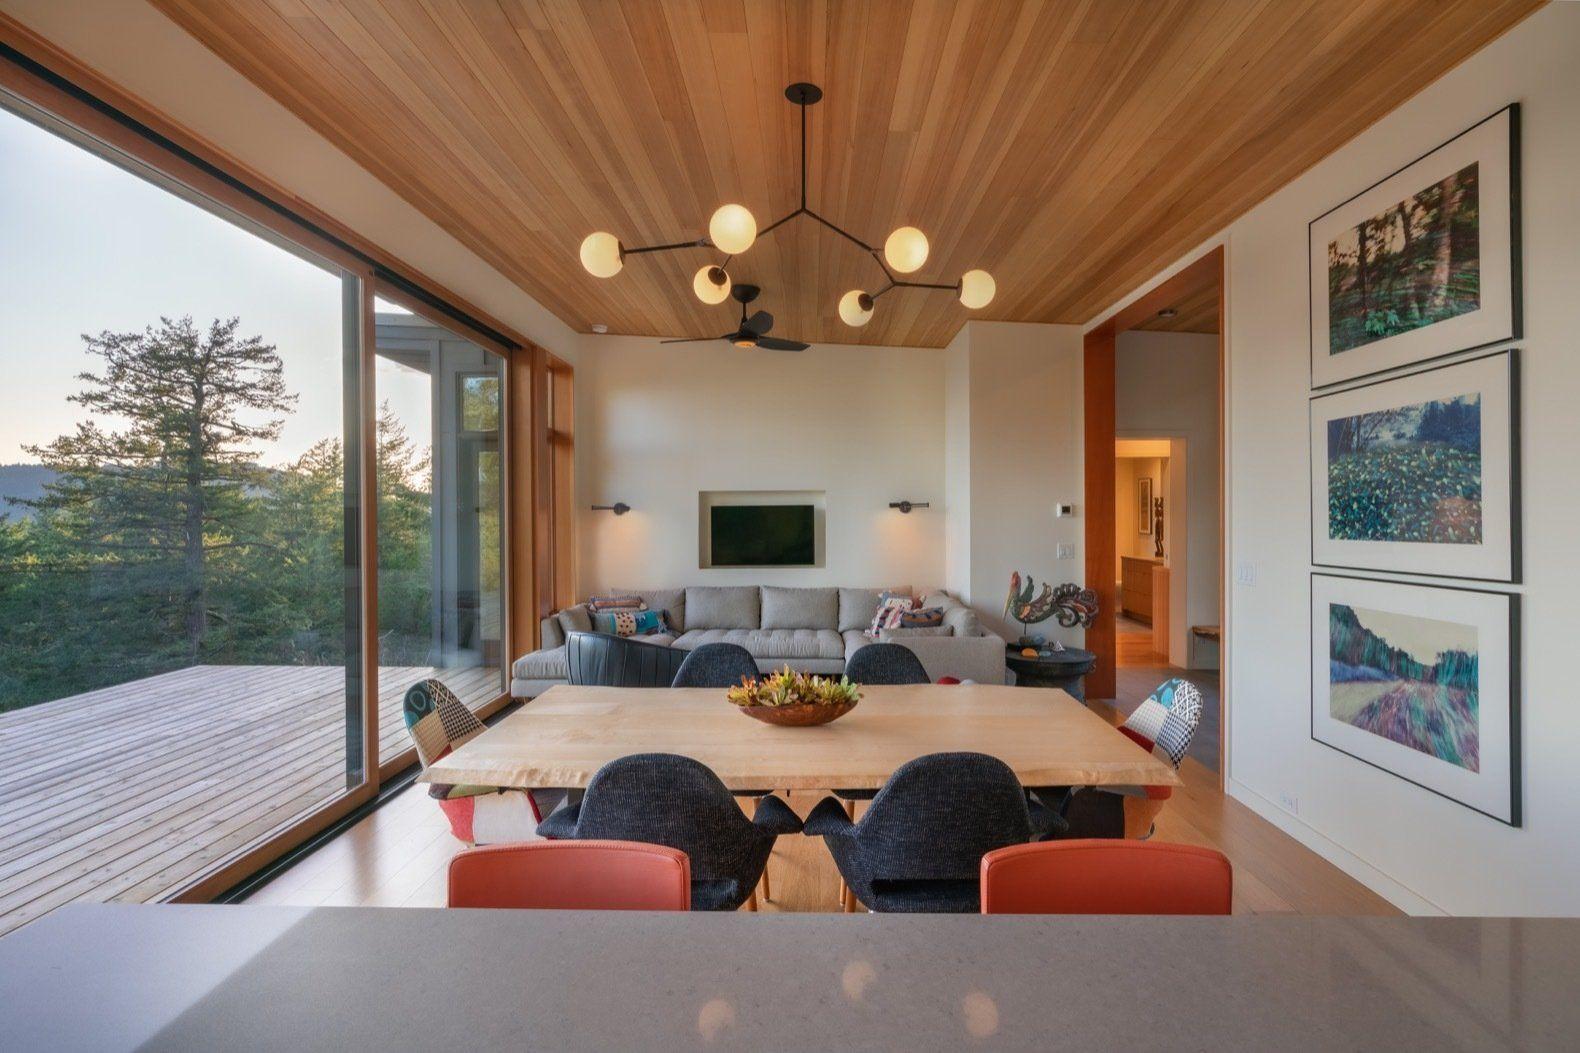 San Juan Islands Prefab By Method Homes In 2020 Prefab Homes Method Homes Small Modern Home